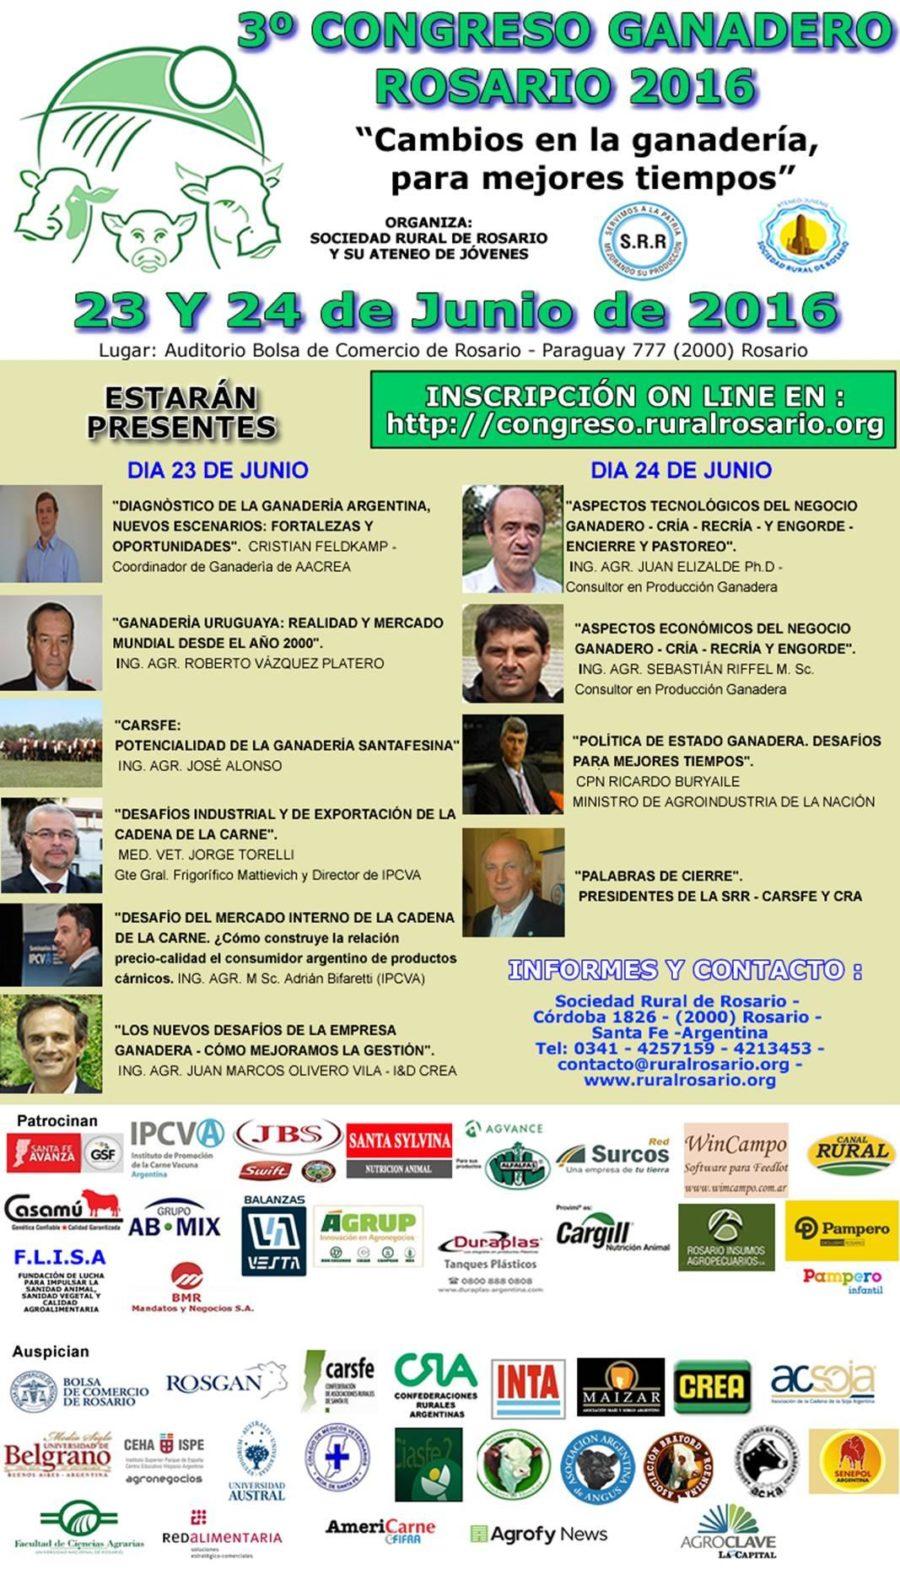 3er. Congreso Ganadero Rosario 2016